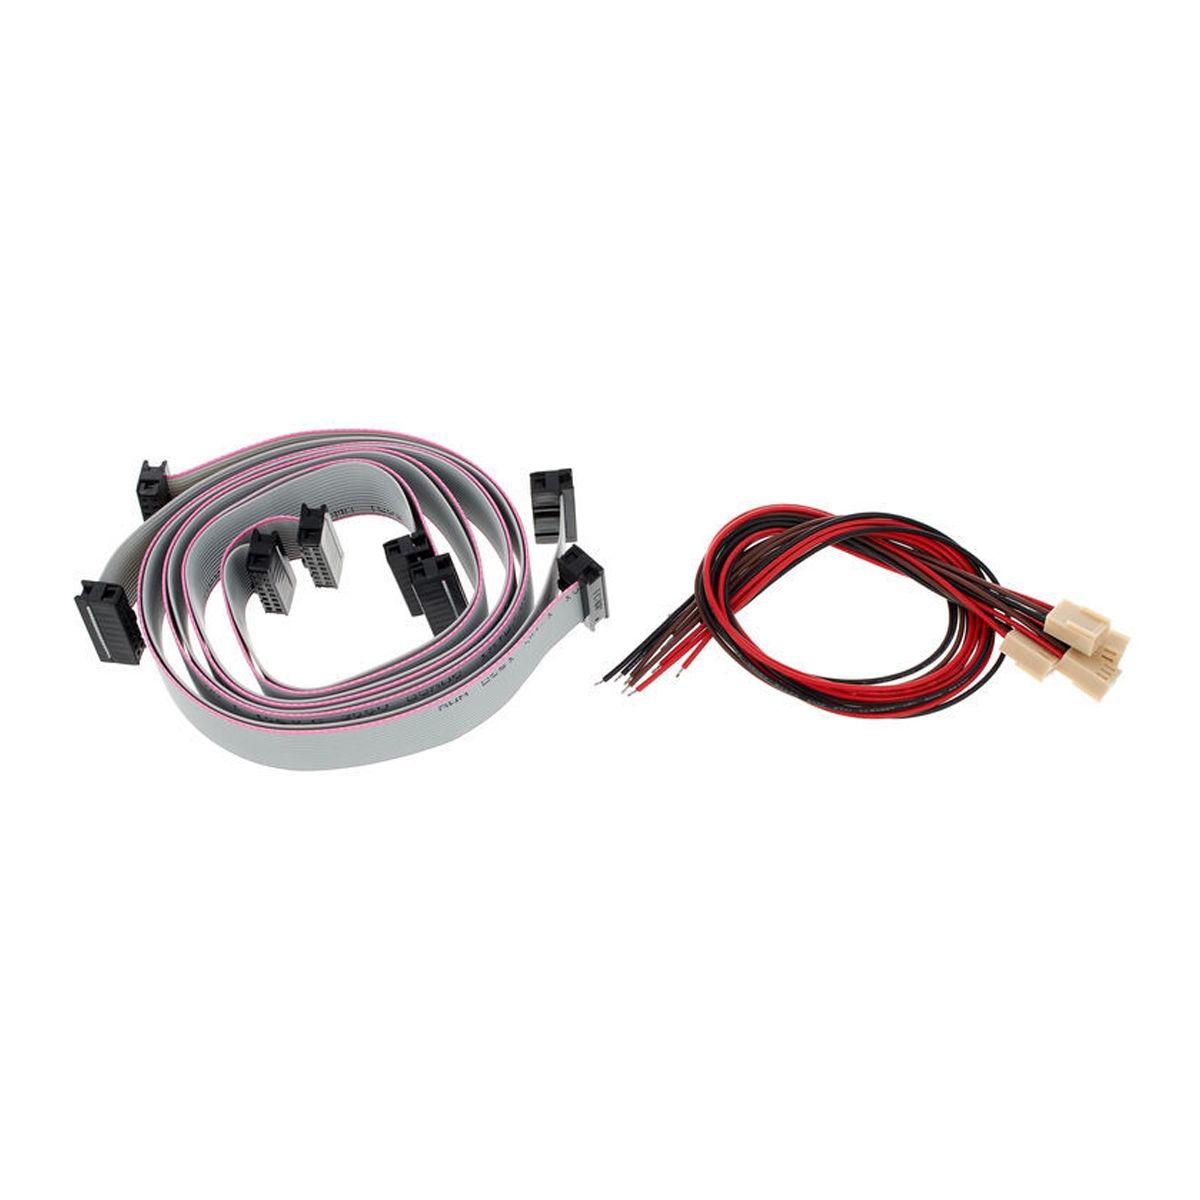 Doepfer CTM64 Cable Set